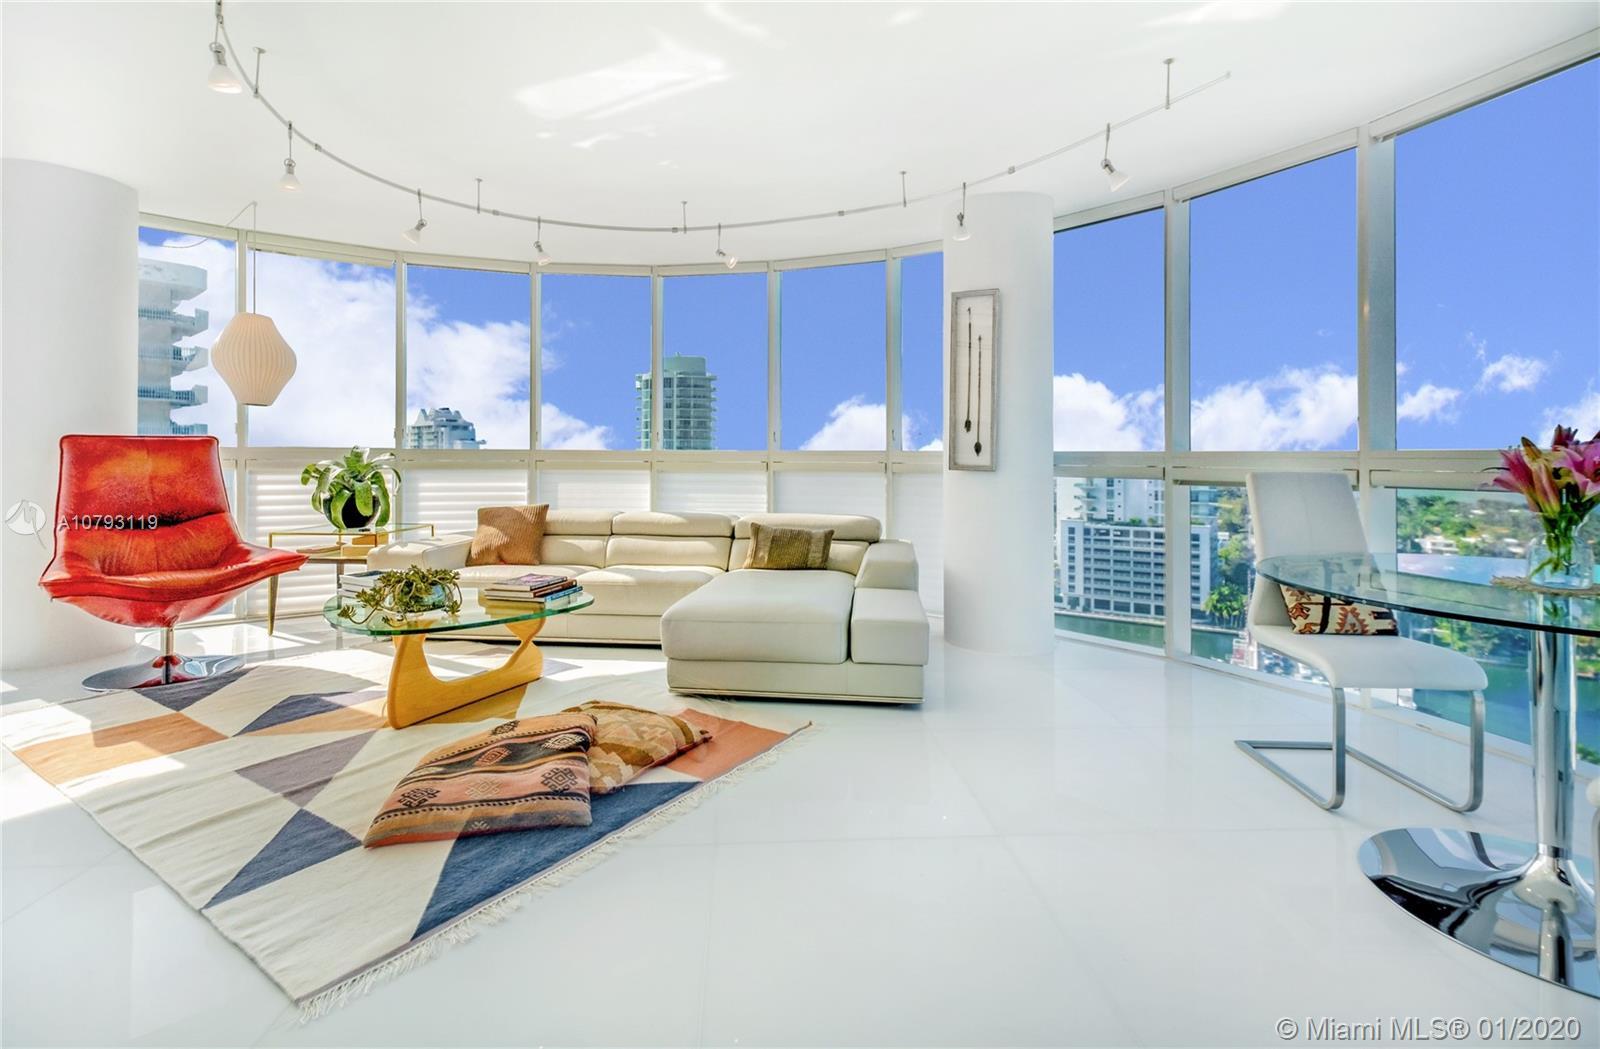 6301 Collins Ave #1905, Miami Beach, FL 33141 - Miami Beach, FL real estate listing